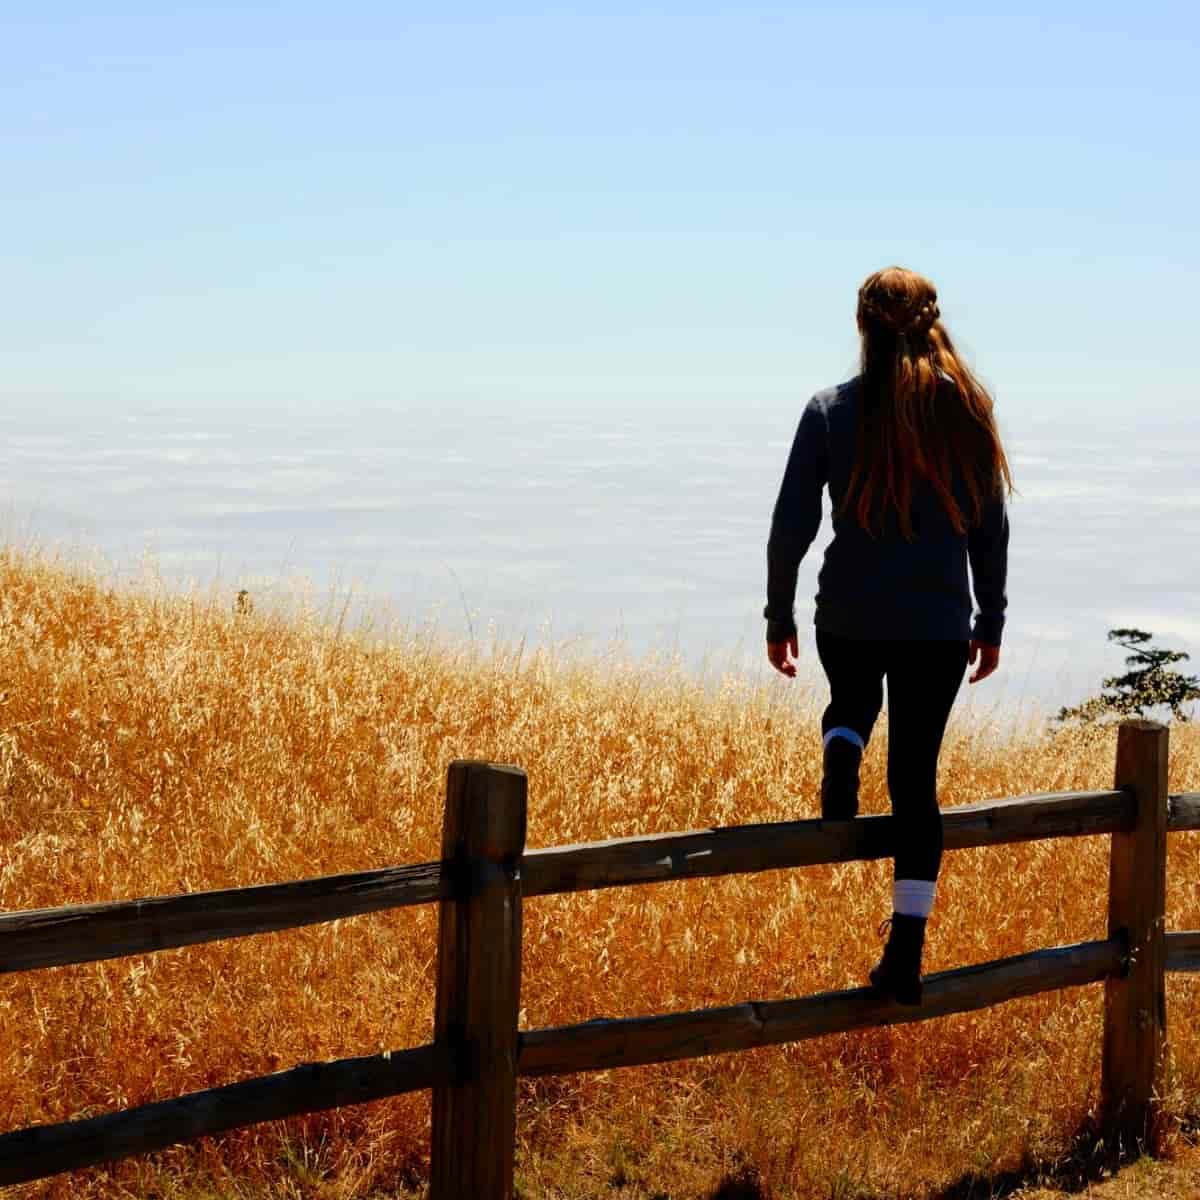 Prayer For Overcoming Life's Burdens